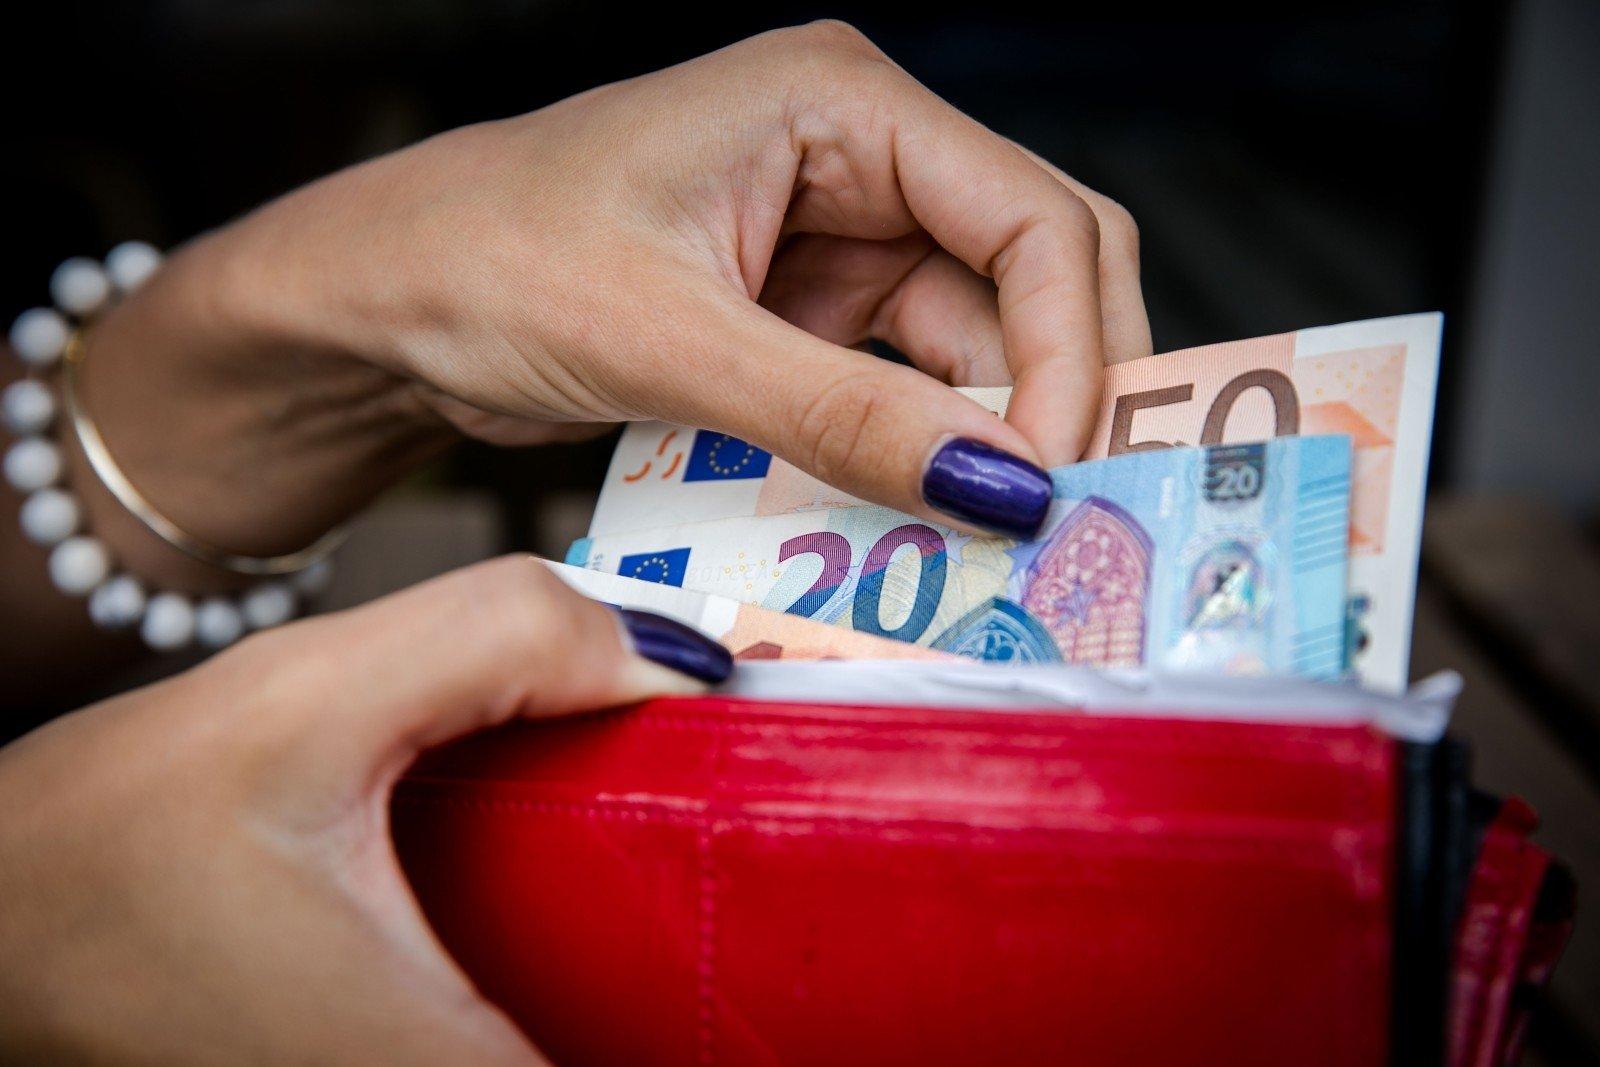 Kaip Padaryti Papildomus Pinigus Namuose, Kaip teisėtai užsidirbti pinigų namuose